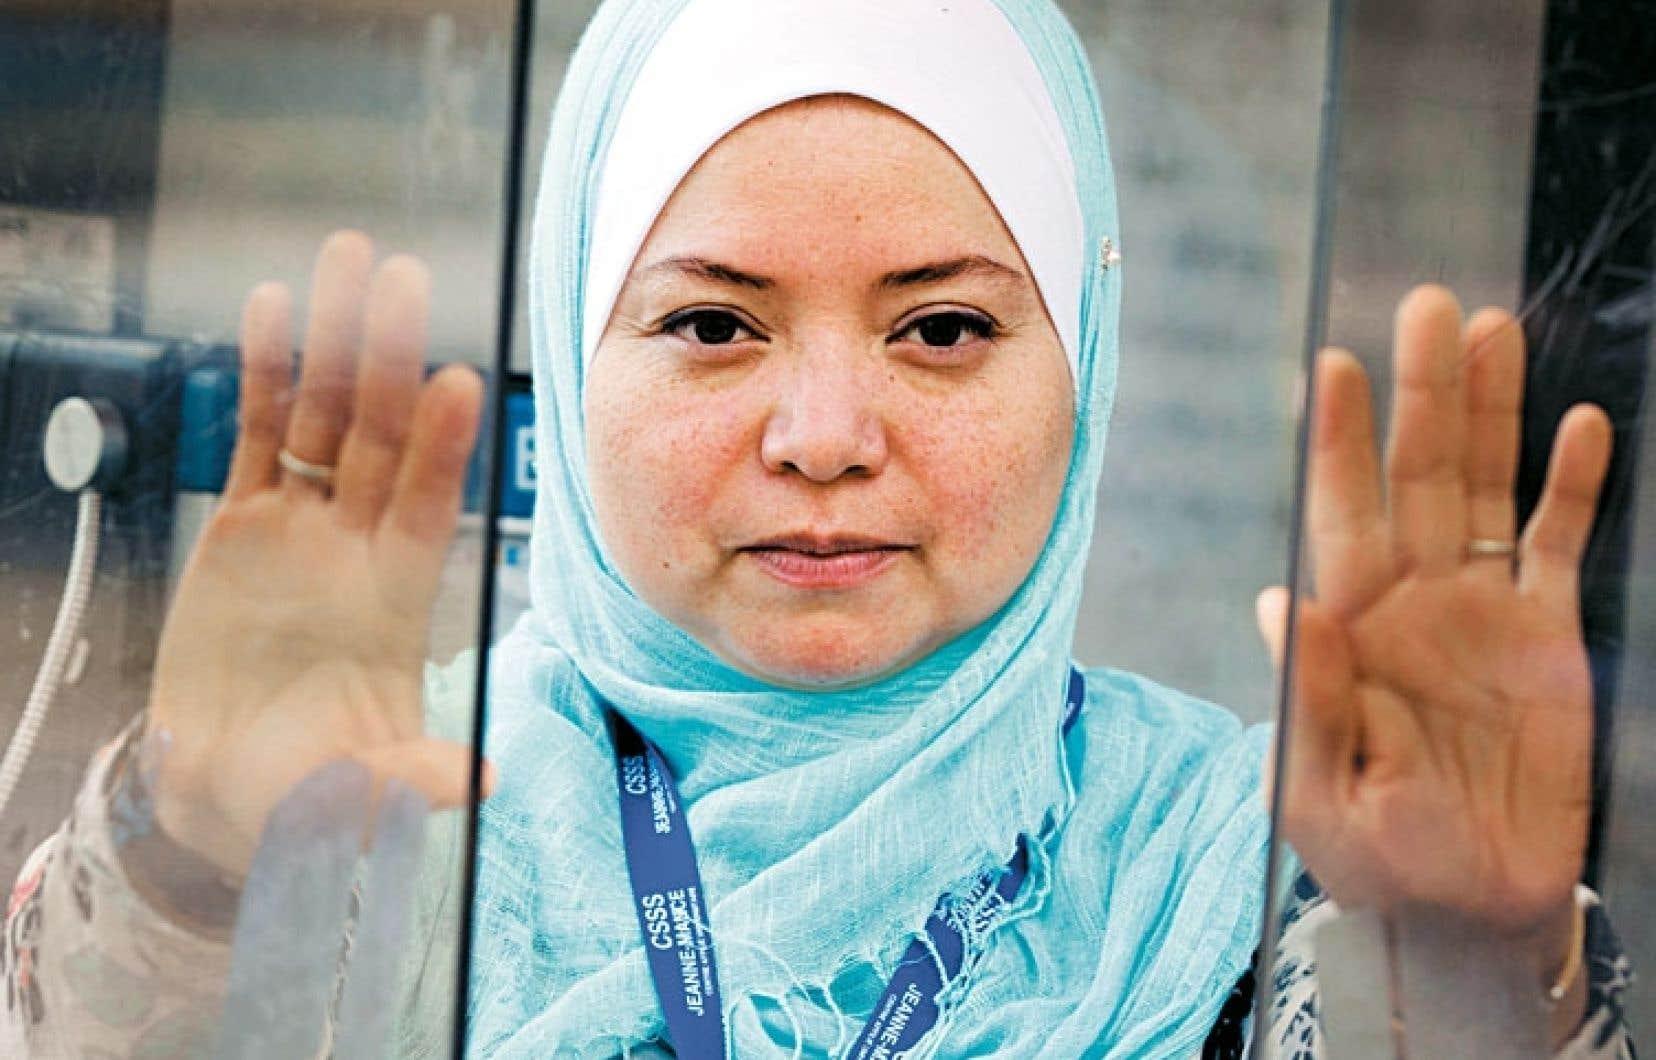 Marlene Figueroa ne quittera pas son travail si la Charte était adoptée. Pas plus qu'elle ne retirera son voile.